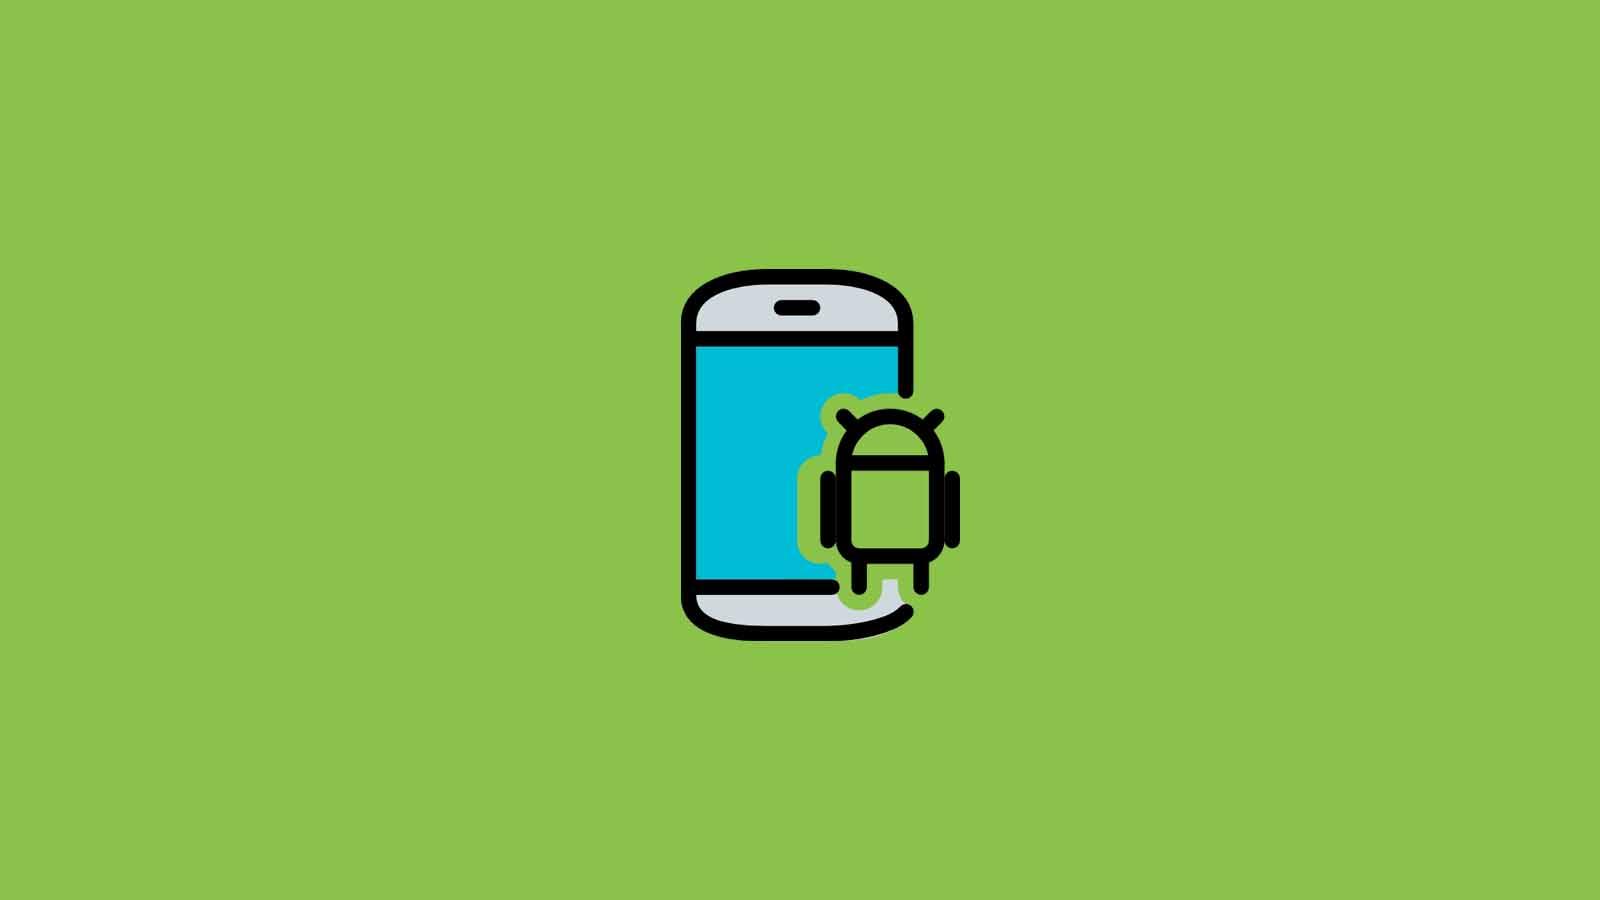 Daftar Isi - Pemrograman Mobile